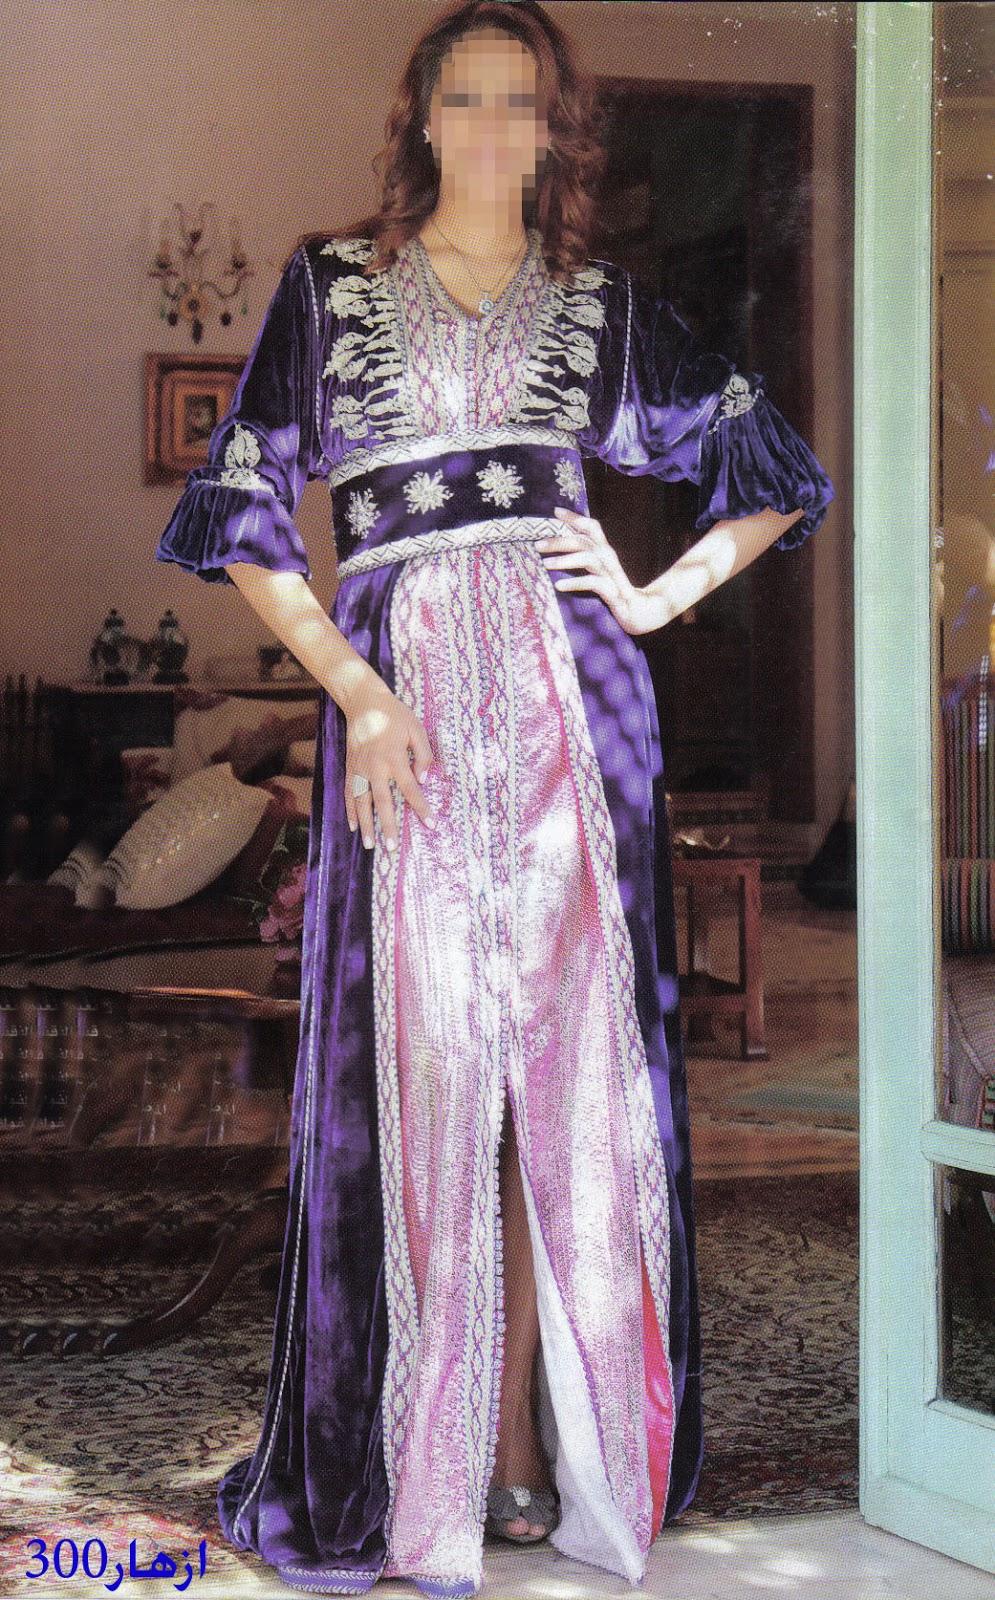 الجذابة يميز المراة المغربية ويمنحها